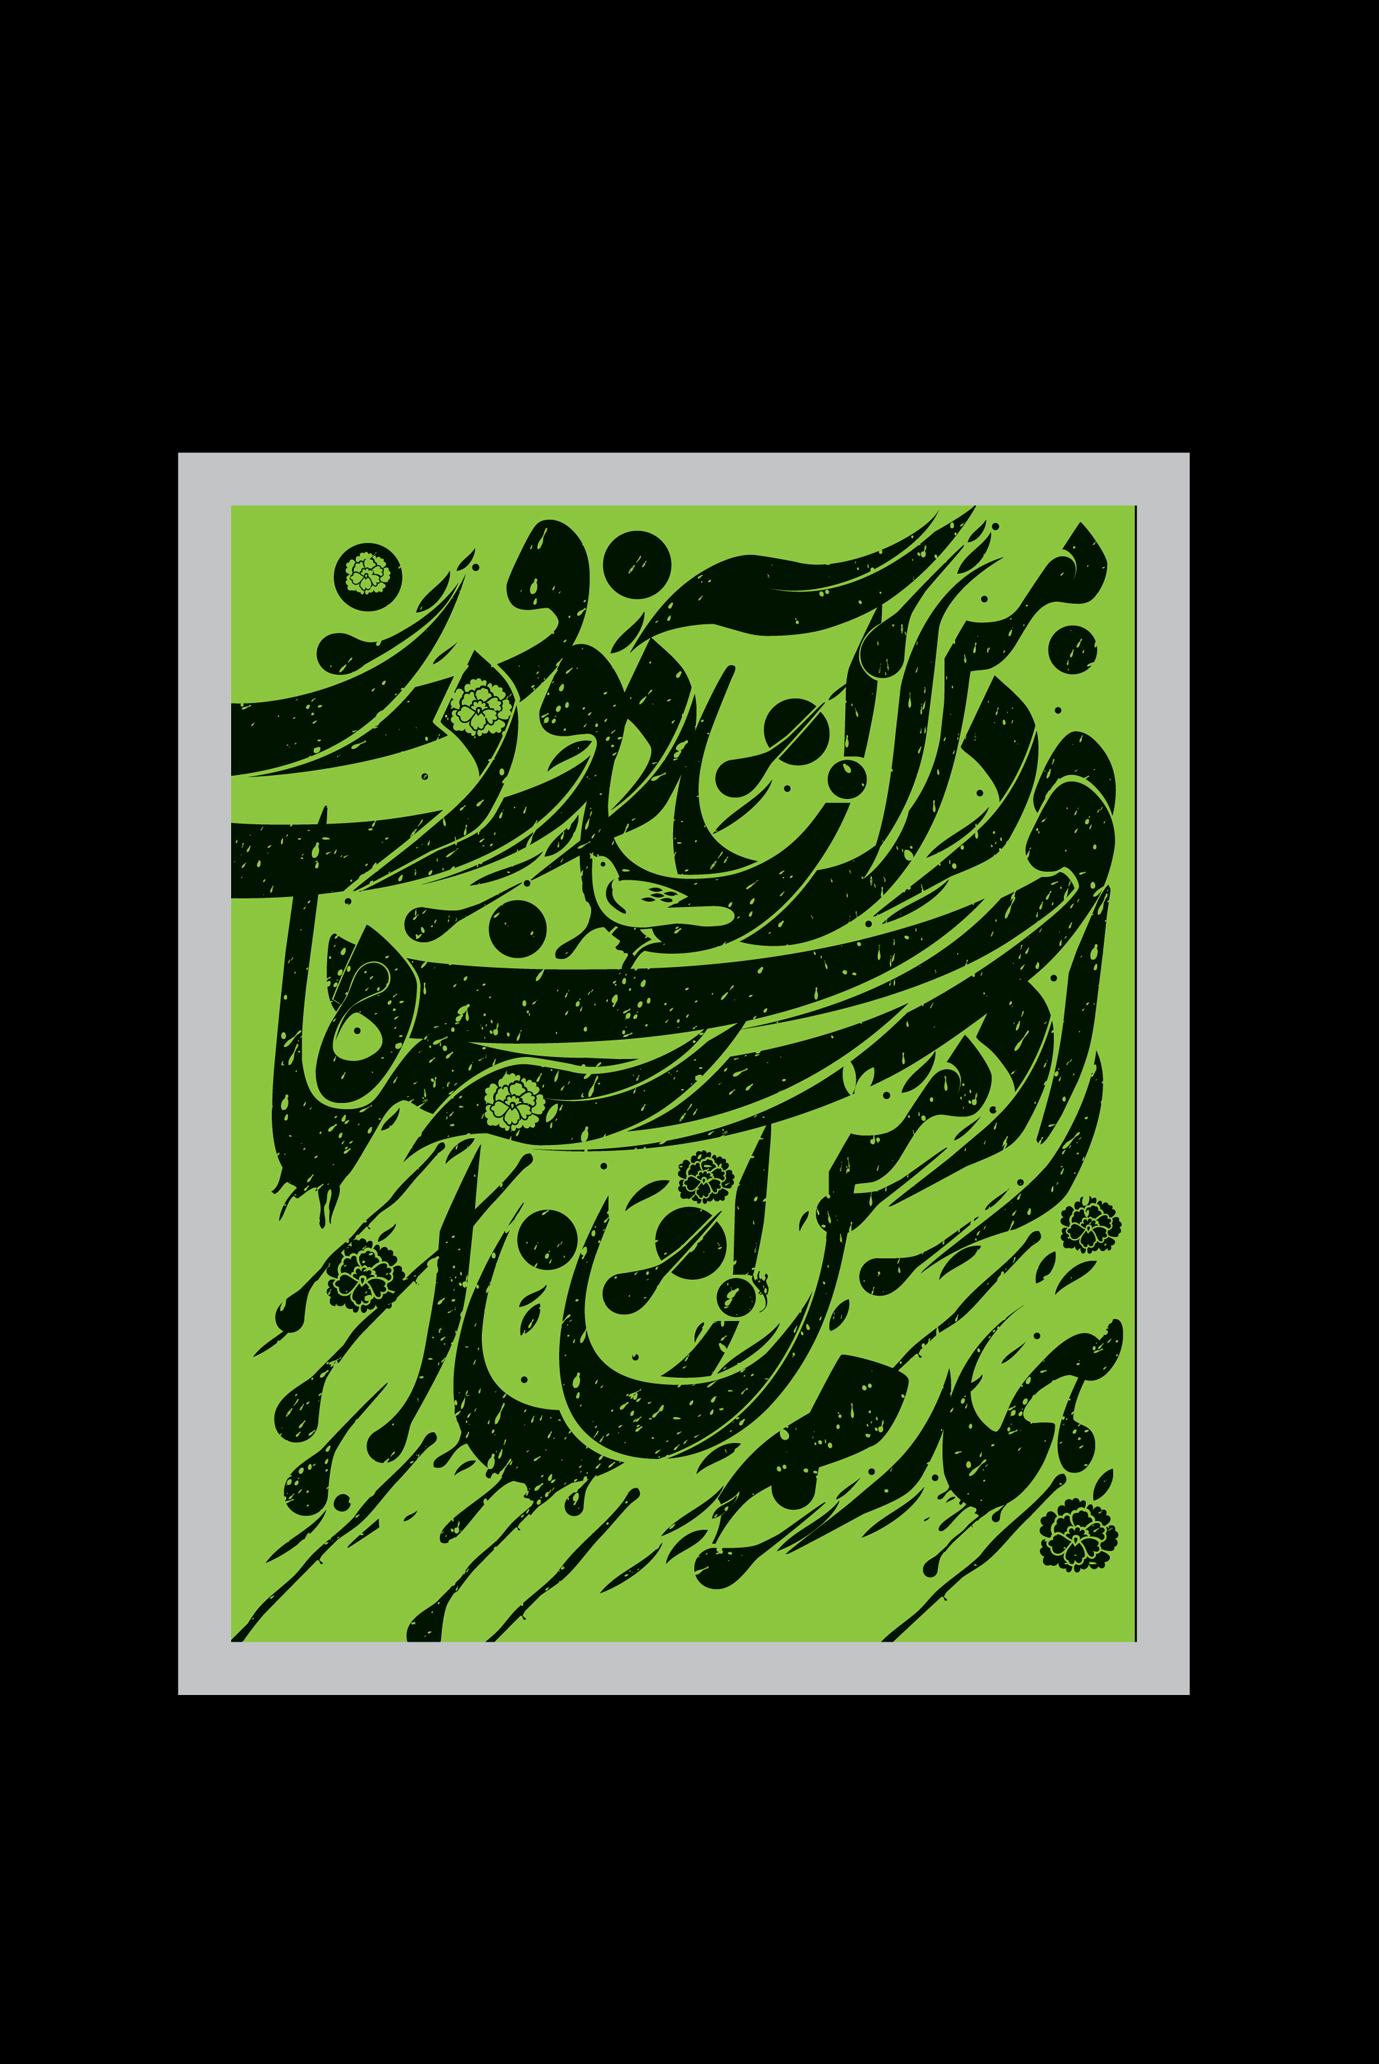 nastaliq form ok4 - Khatt Foundation